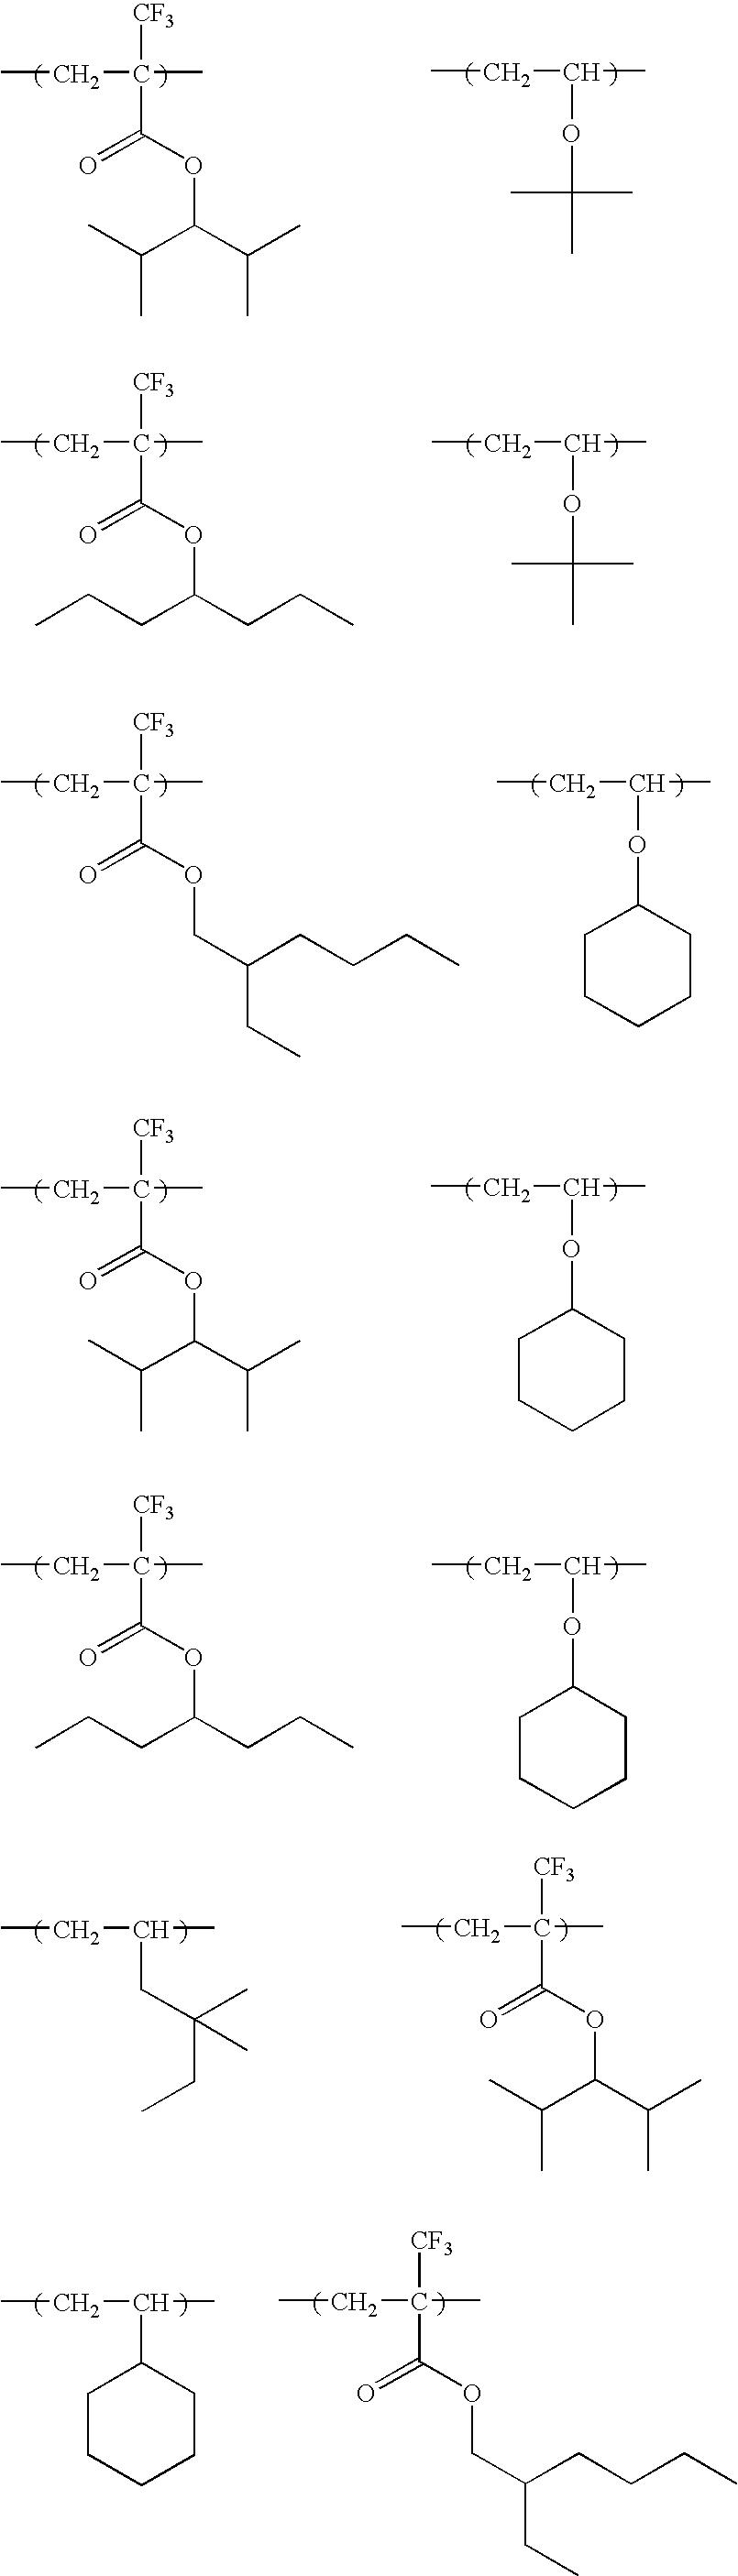 Figure US08530148-20130910-C00076